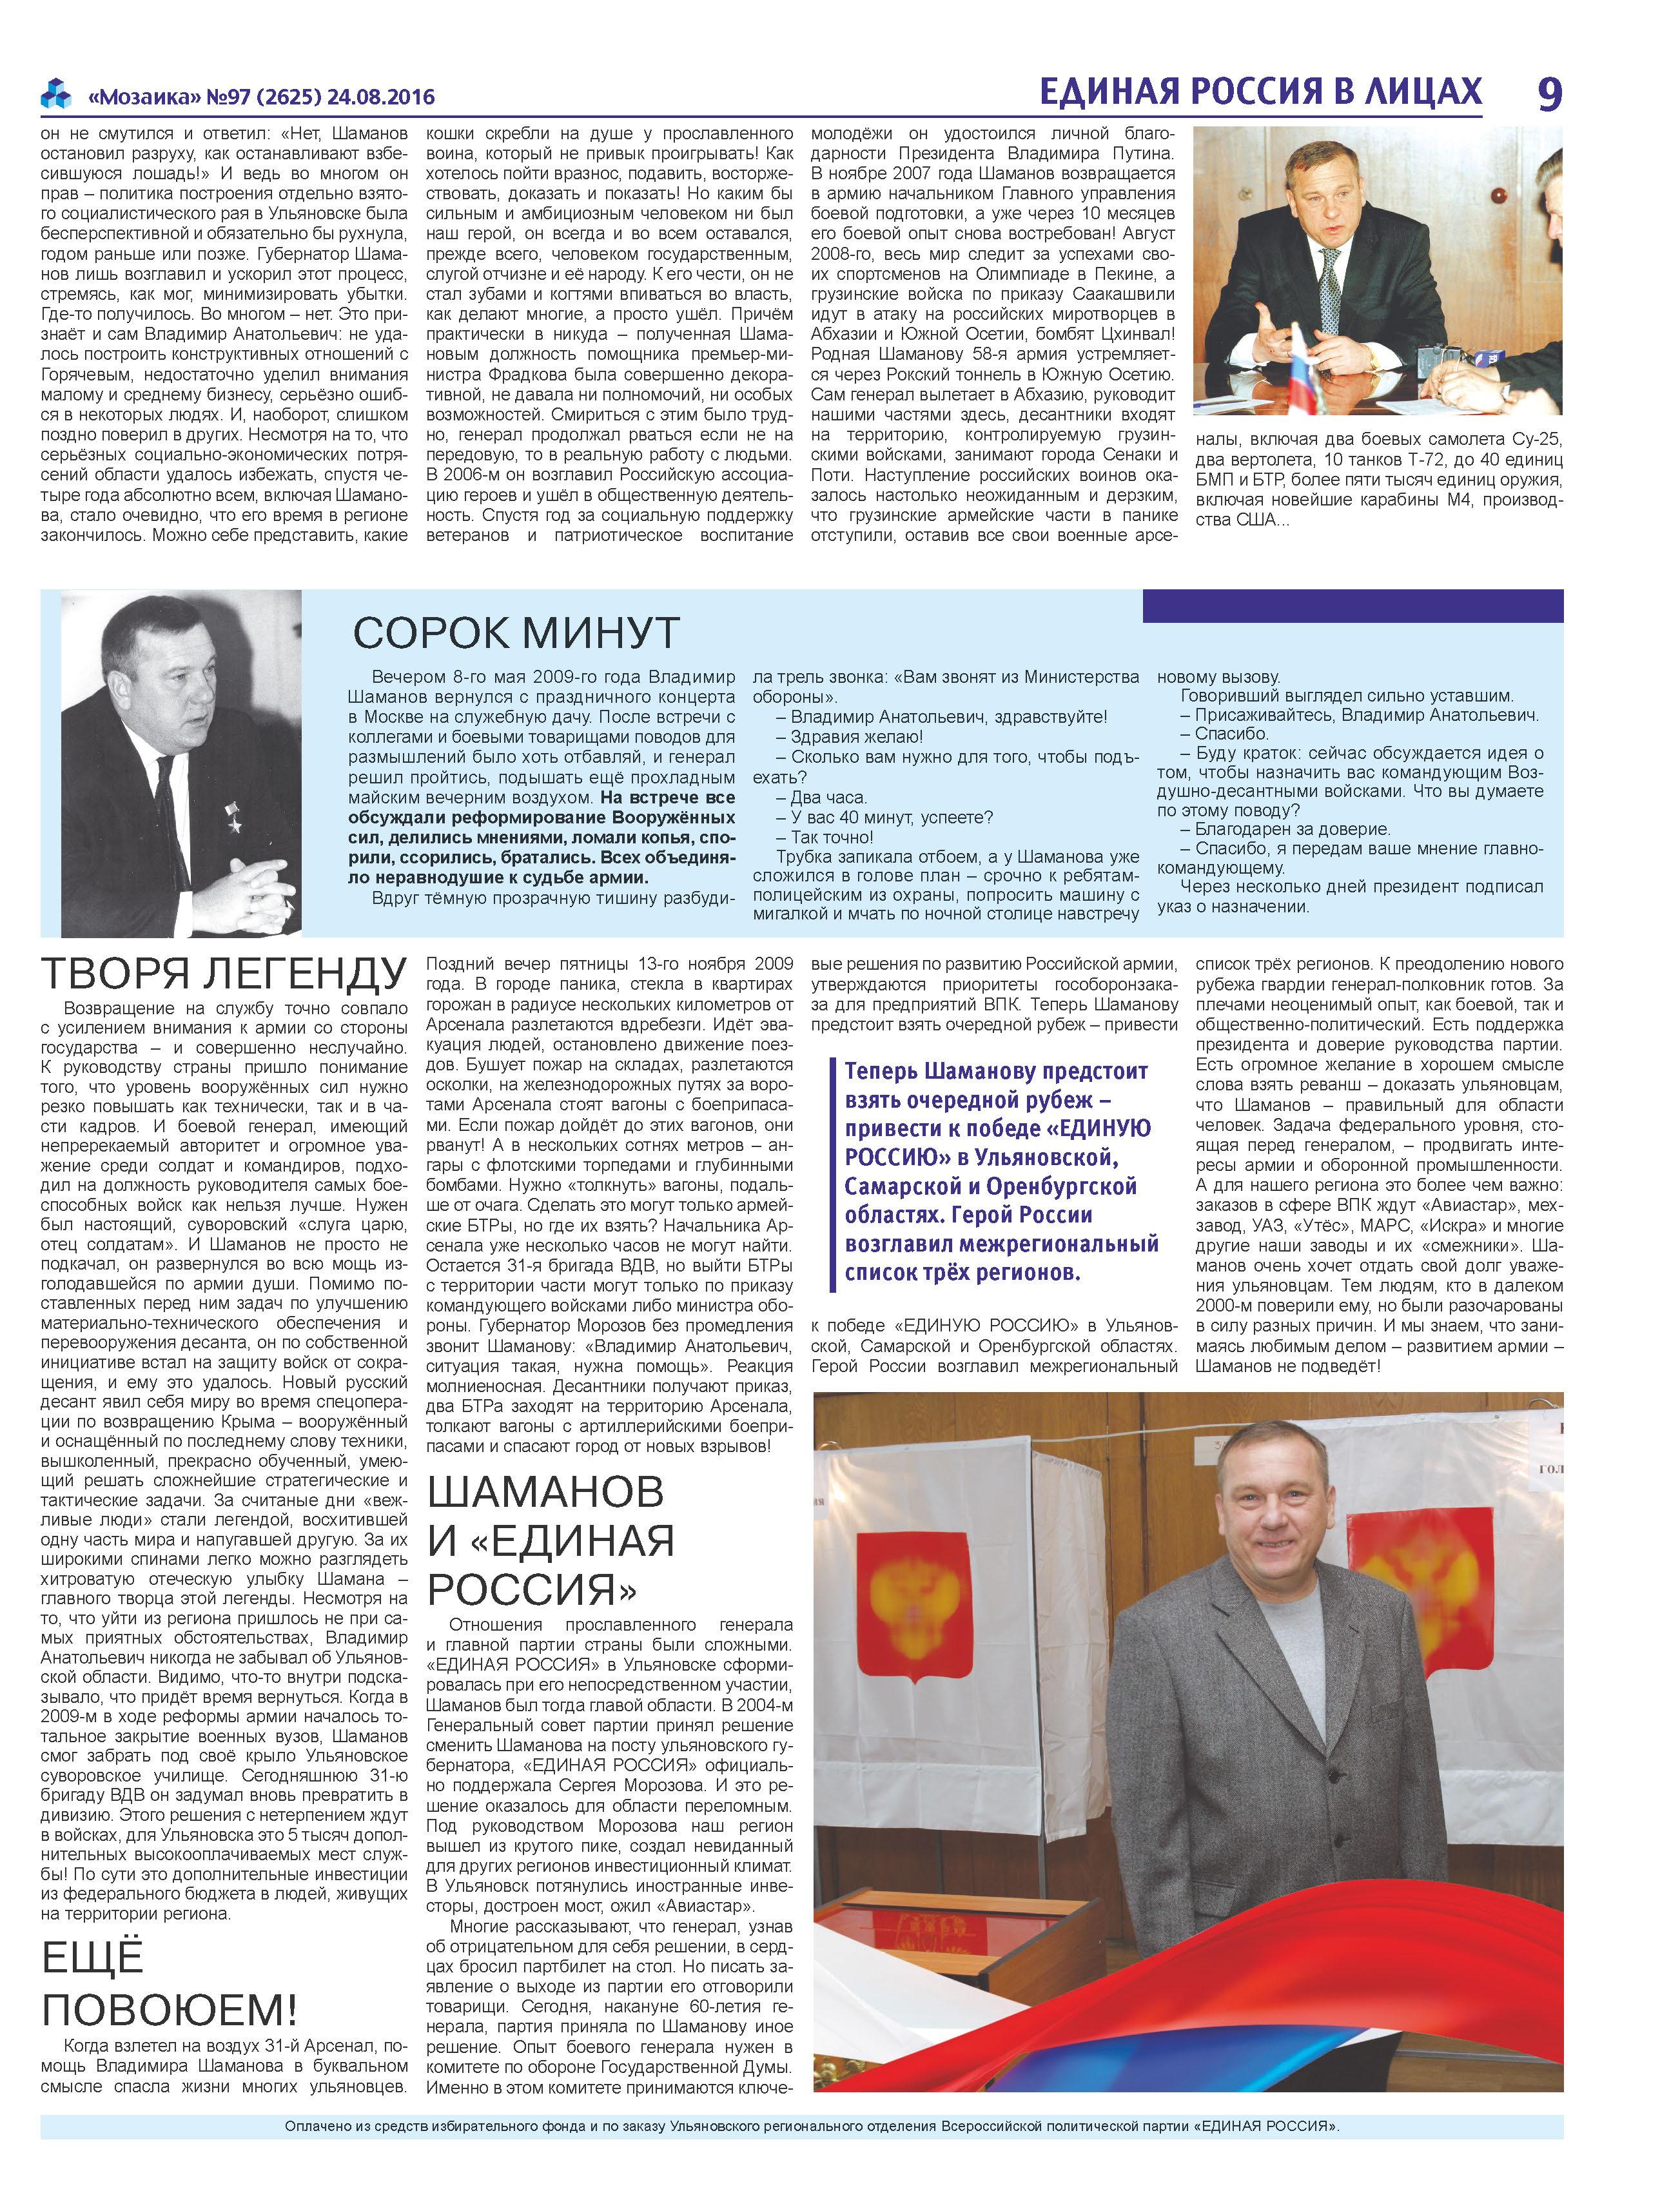 Все новости в поселке орджоникидзе в 2017